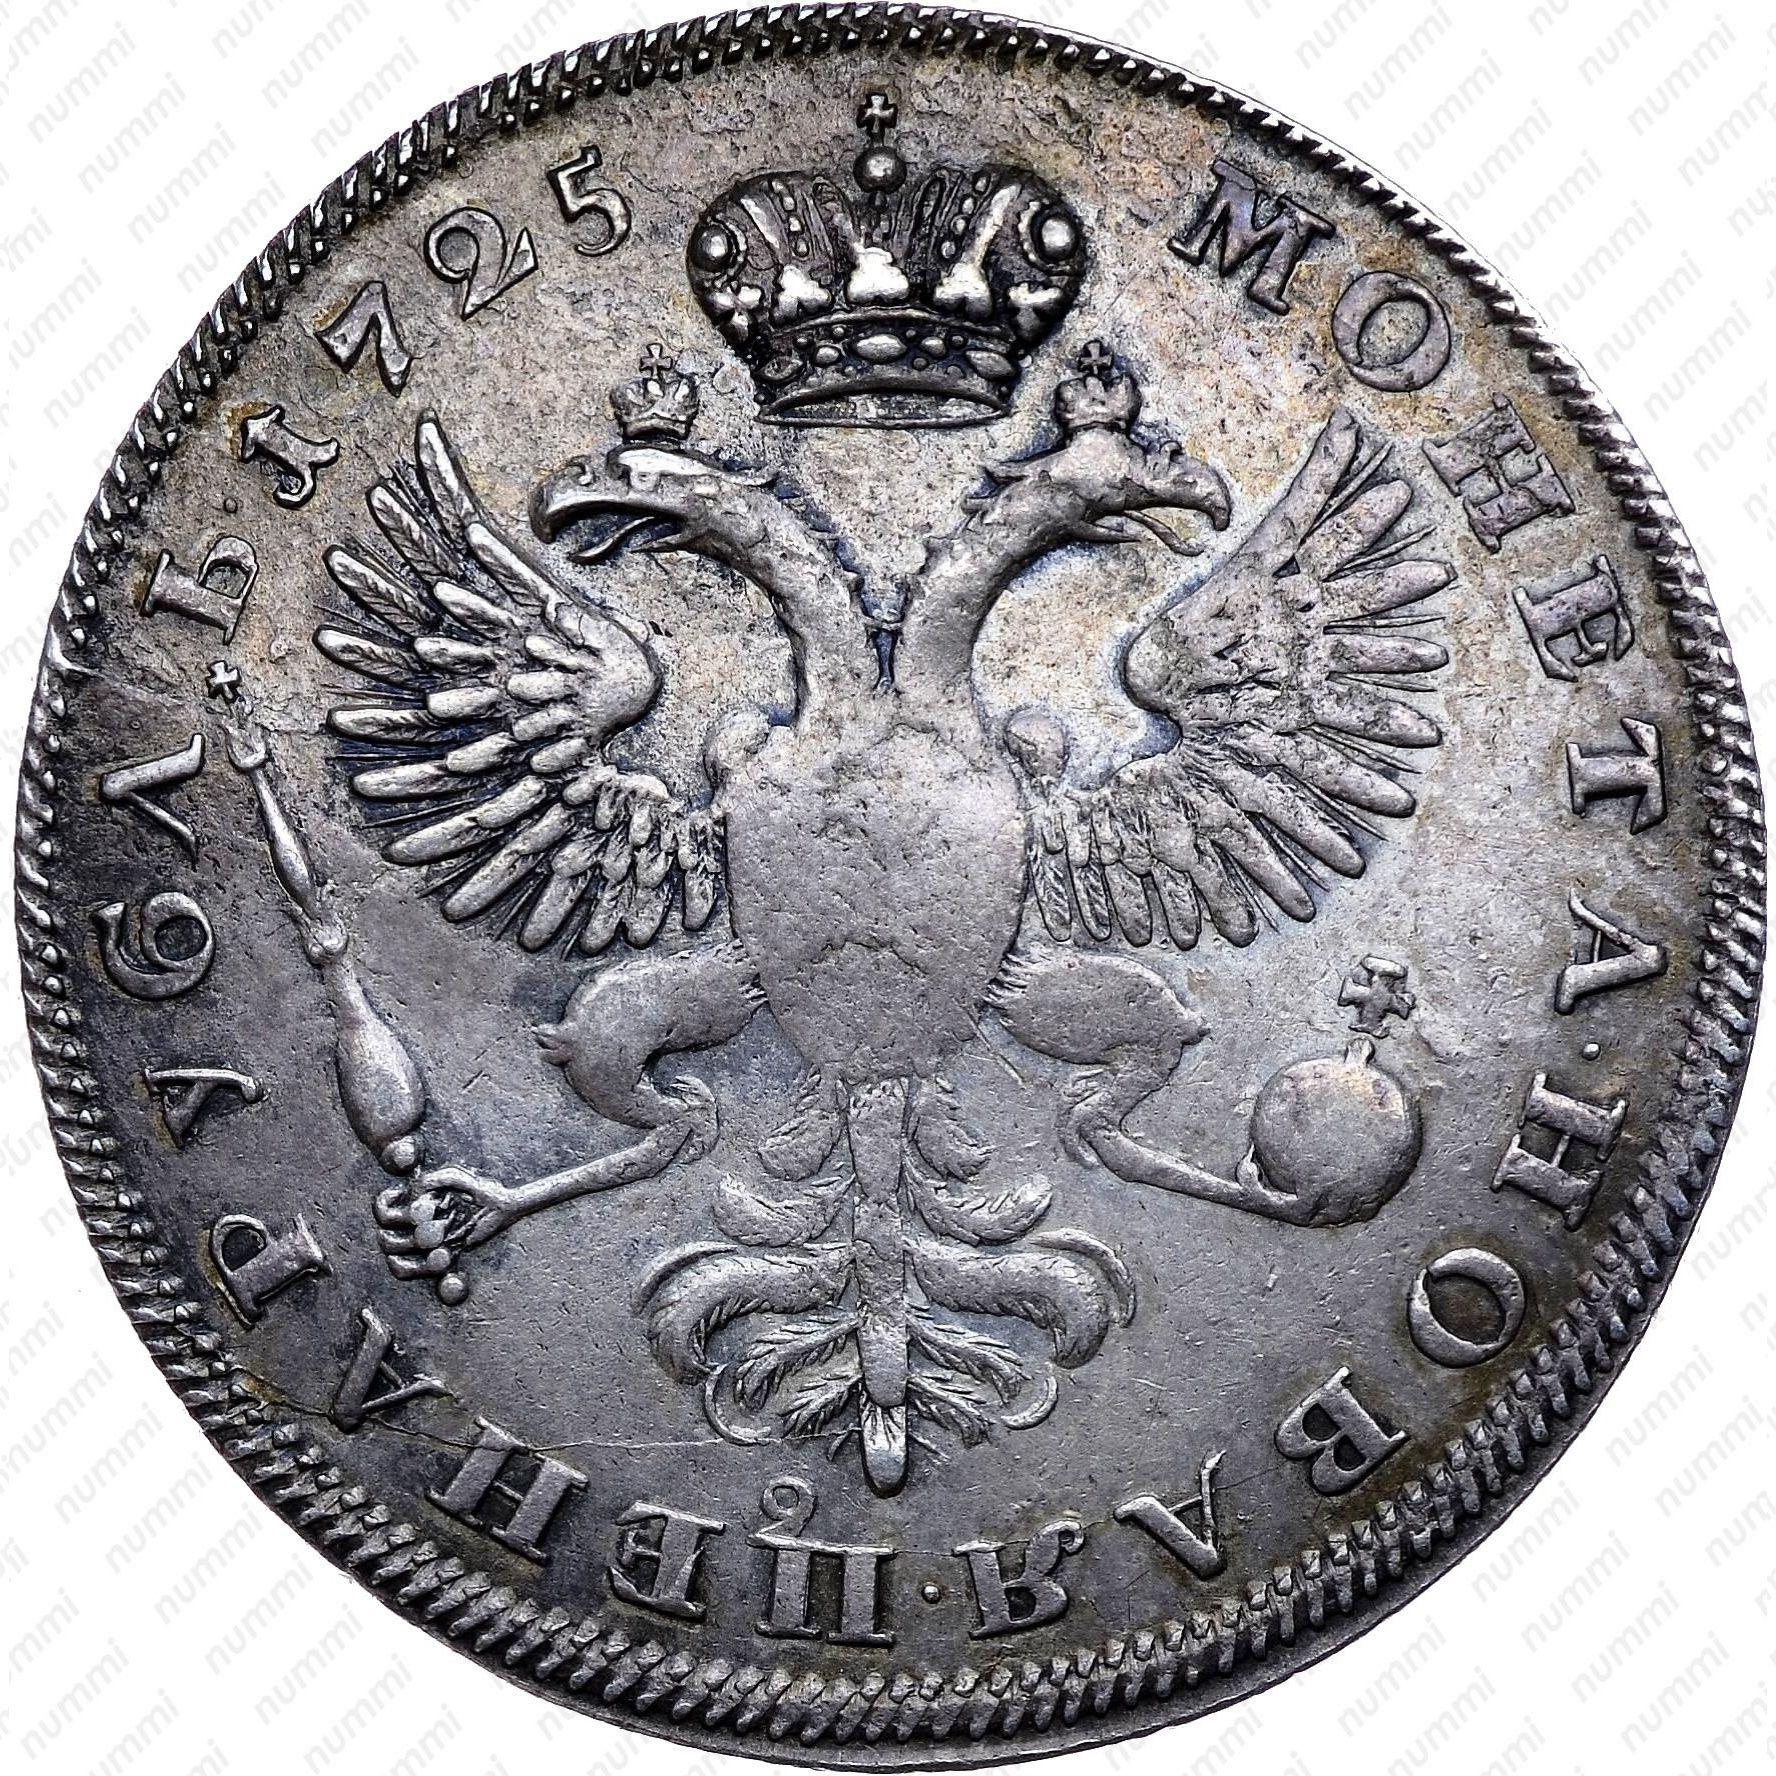 1 рубль 1725, Екатерина I, траурный, над головой точка - Реверс ...